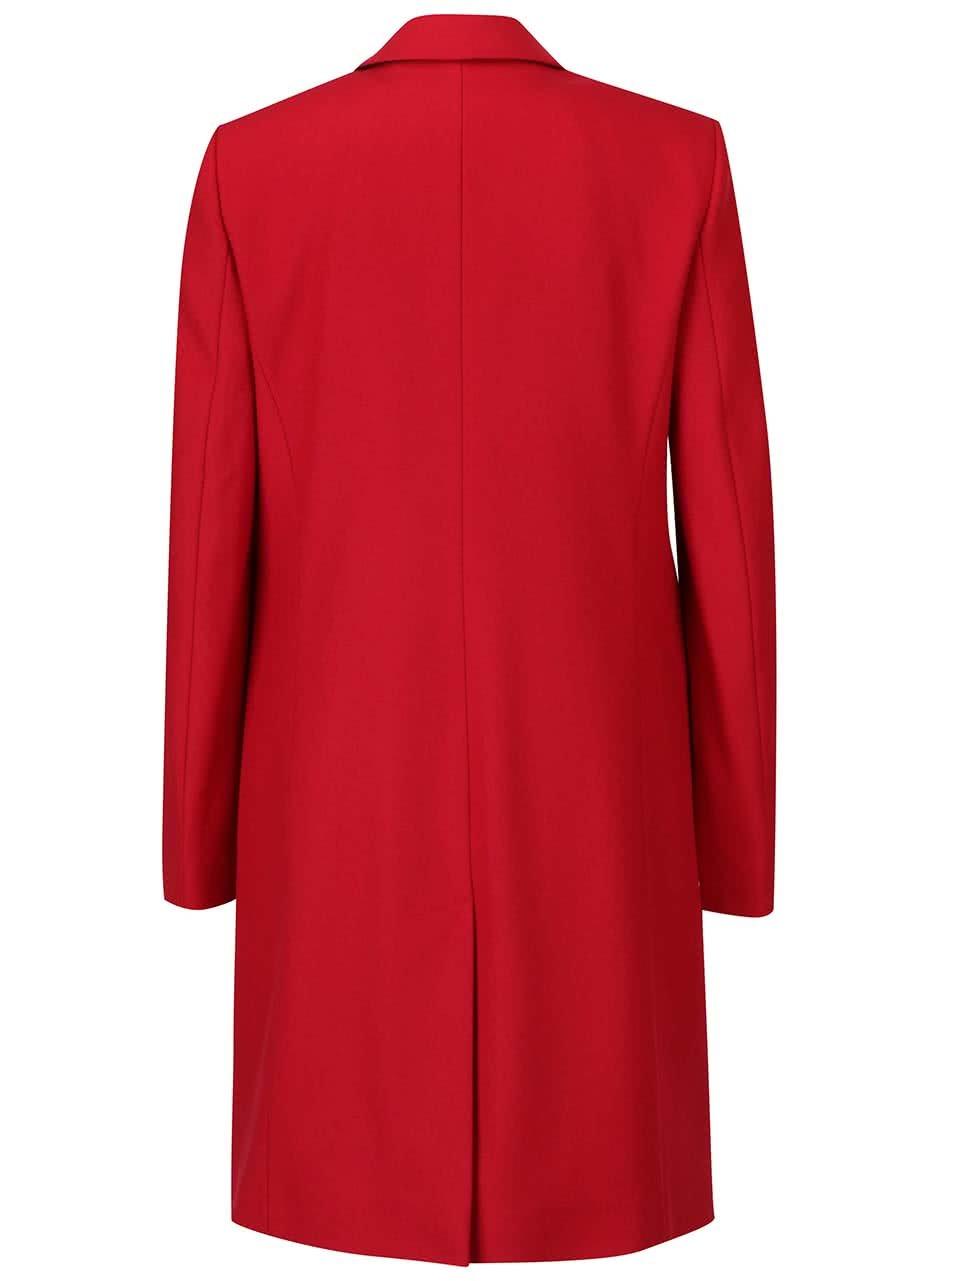 Červený dámský vlněný kabát French Connection Platform ... f650d680feb